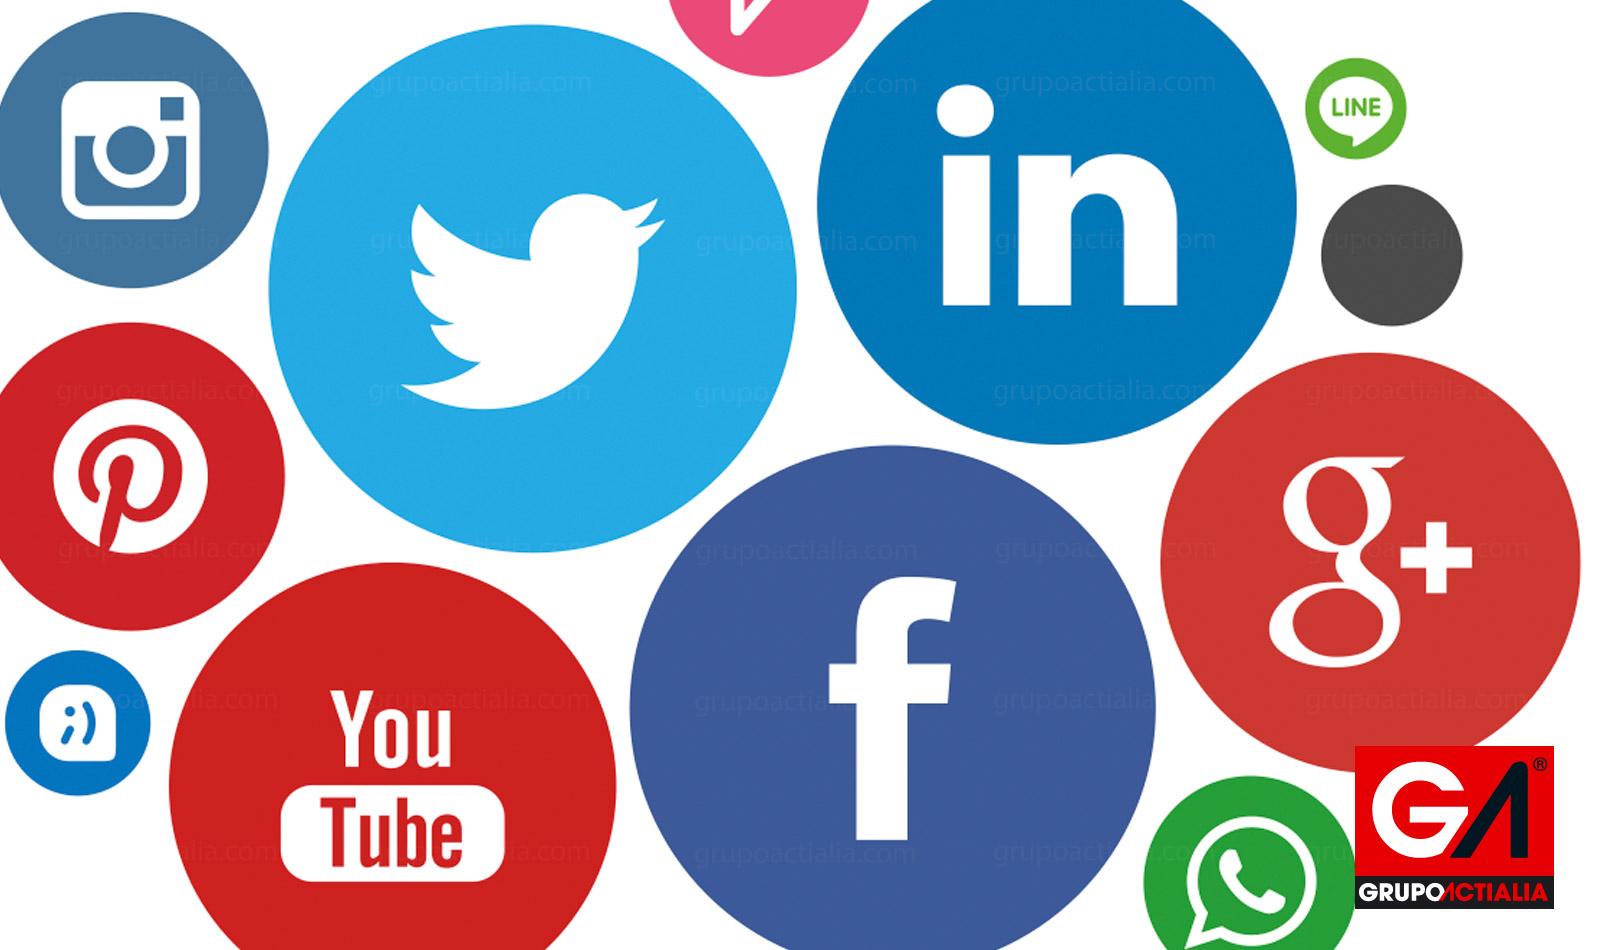 Importancia de las redes sociales como herramienta de marketing